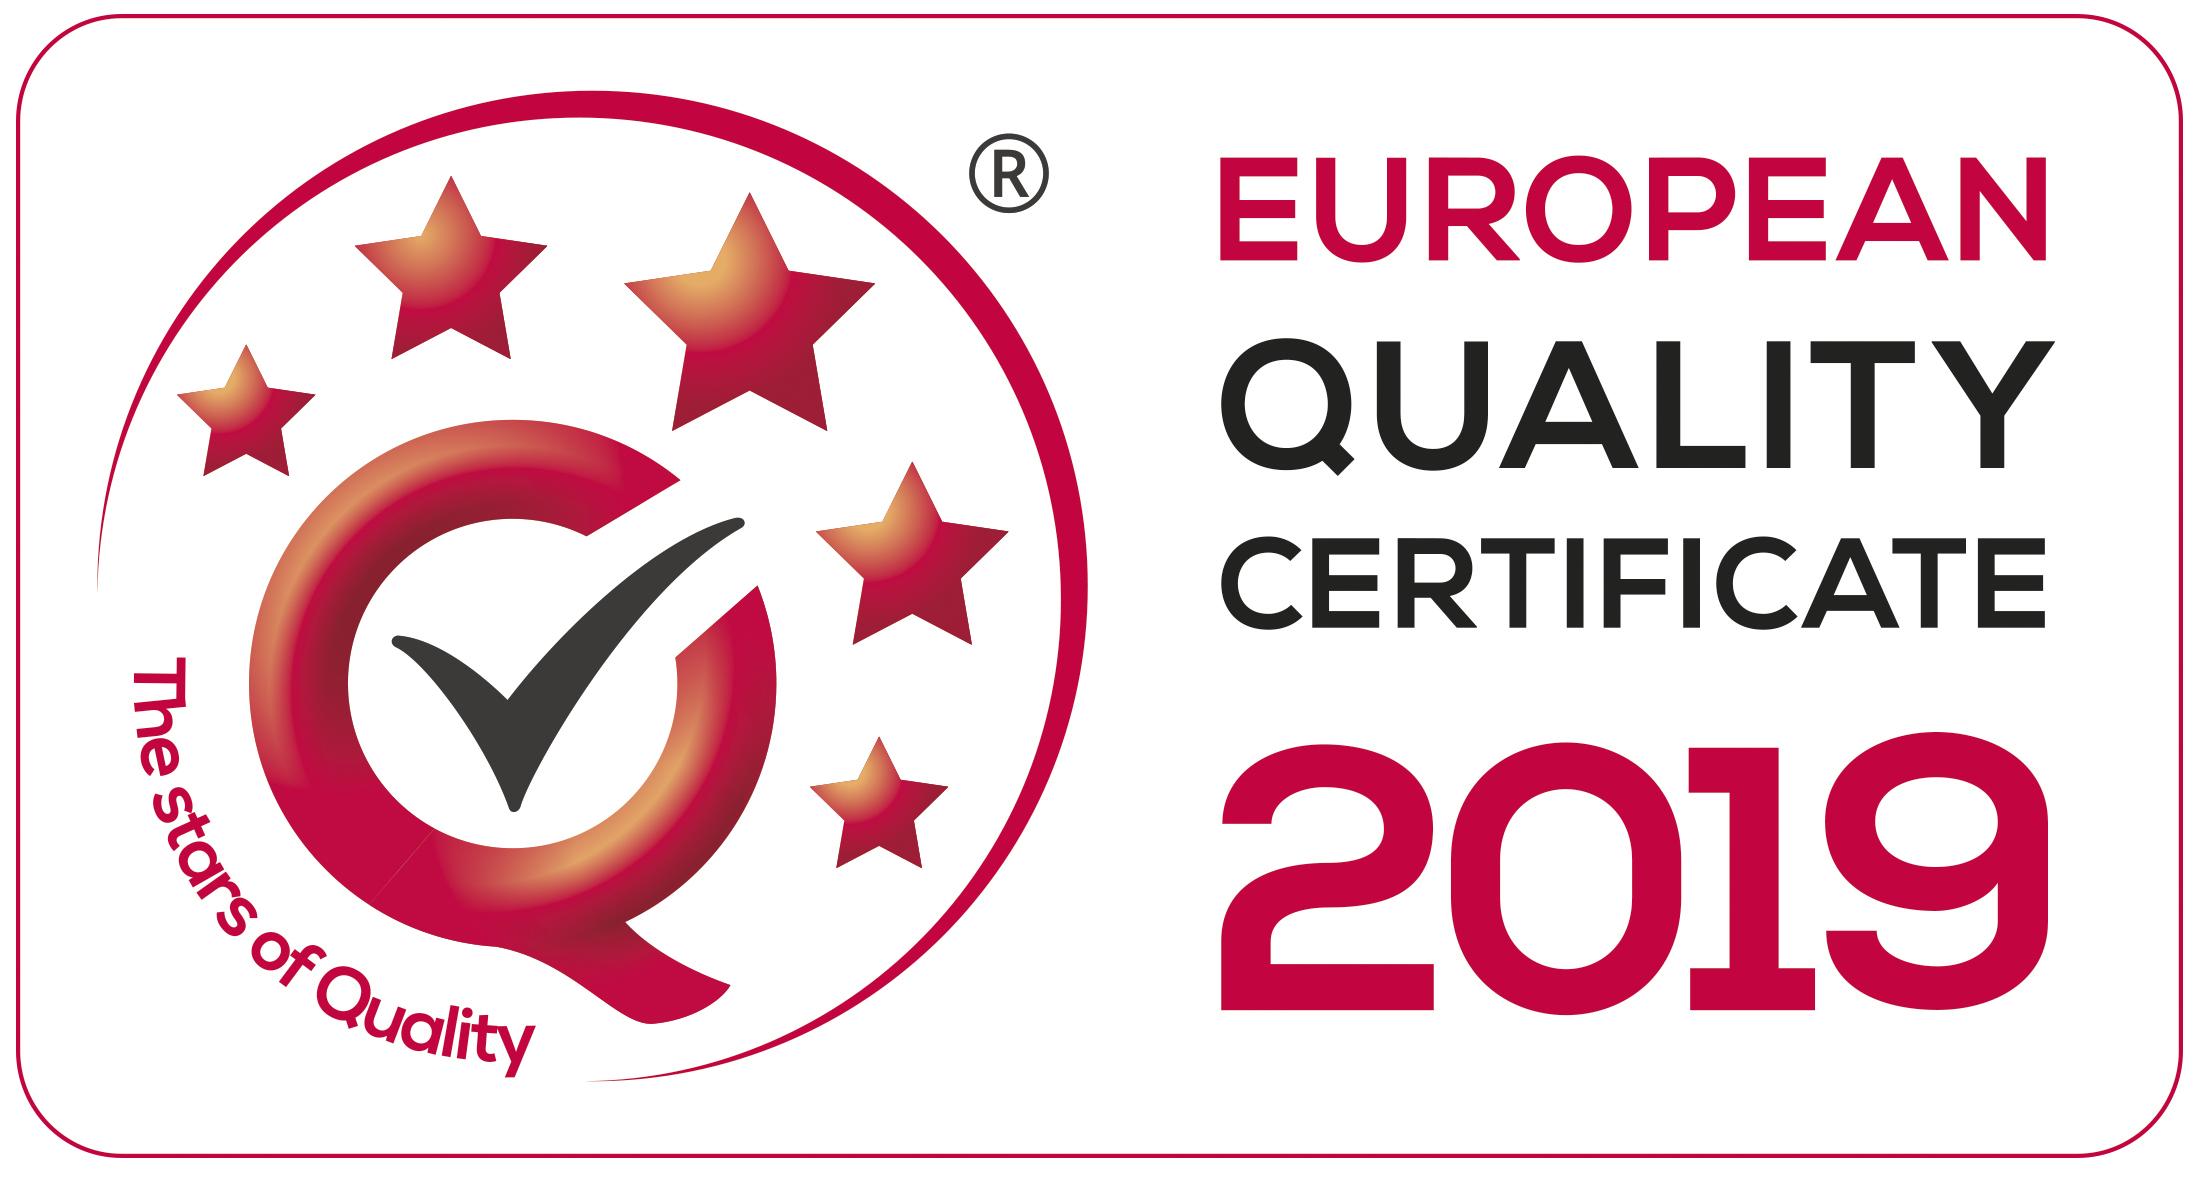 VetExpert Raw Paleo European Quality 2019 Premium getreidefreies Hundefutter, Alleinfuttermittel, Trockenfutter, Nassfutter, Hundebedarf, Hundenahrung, Hundeernährung